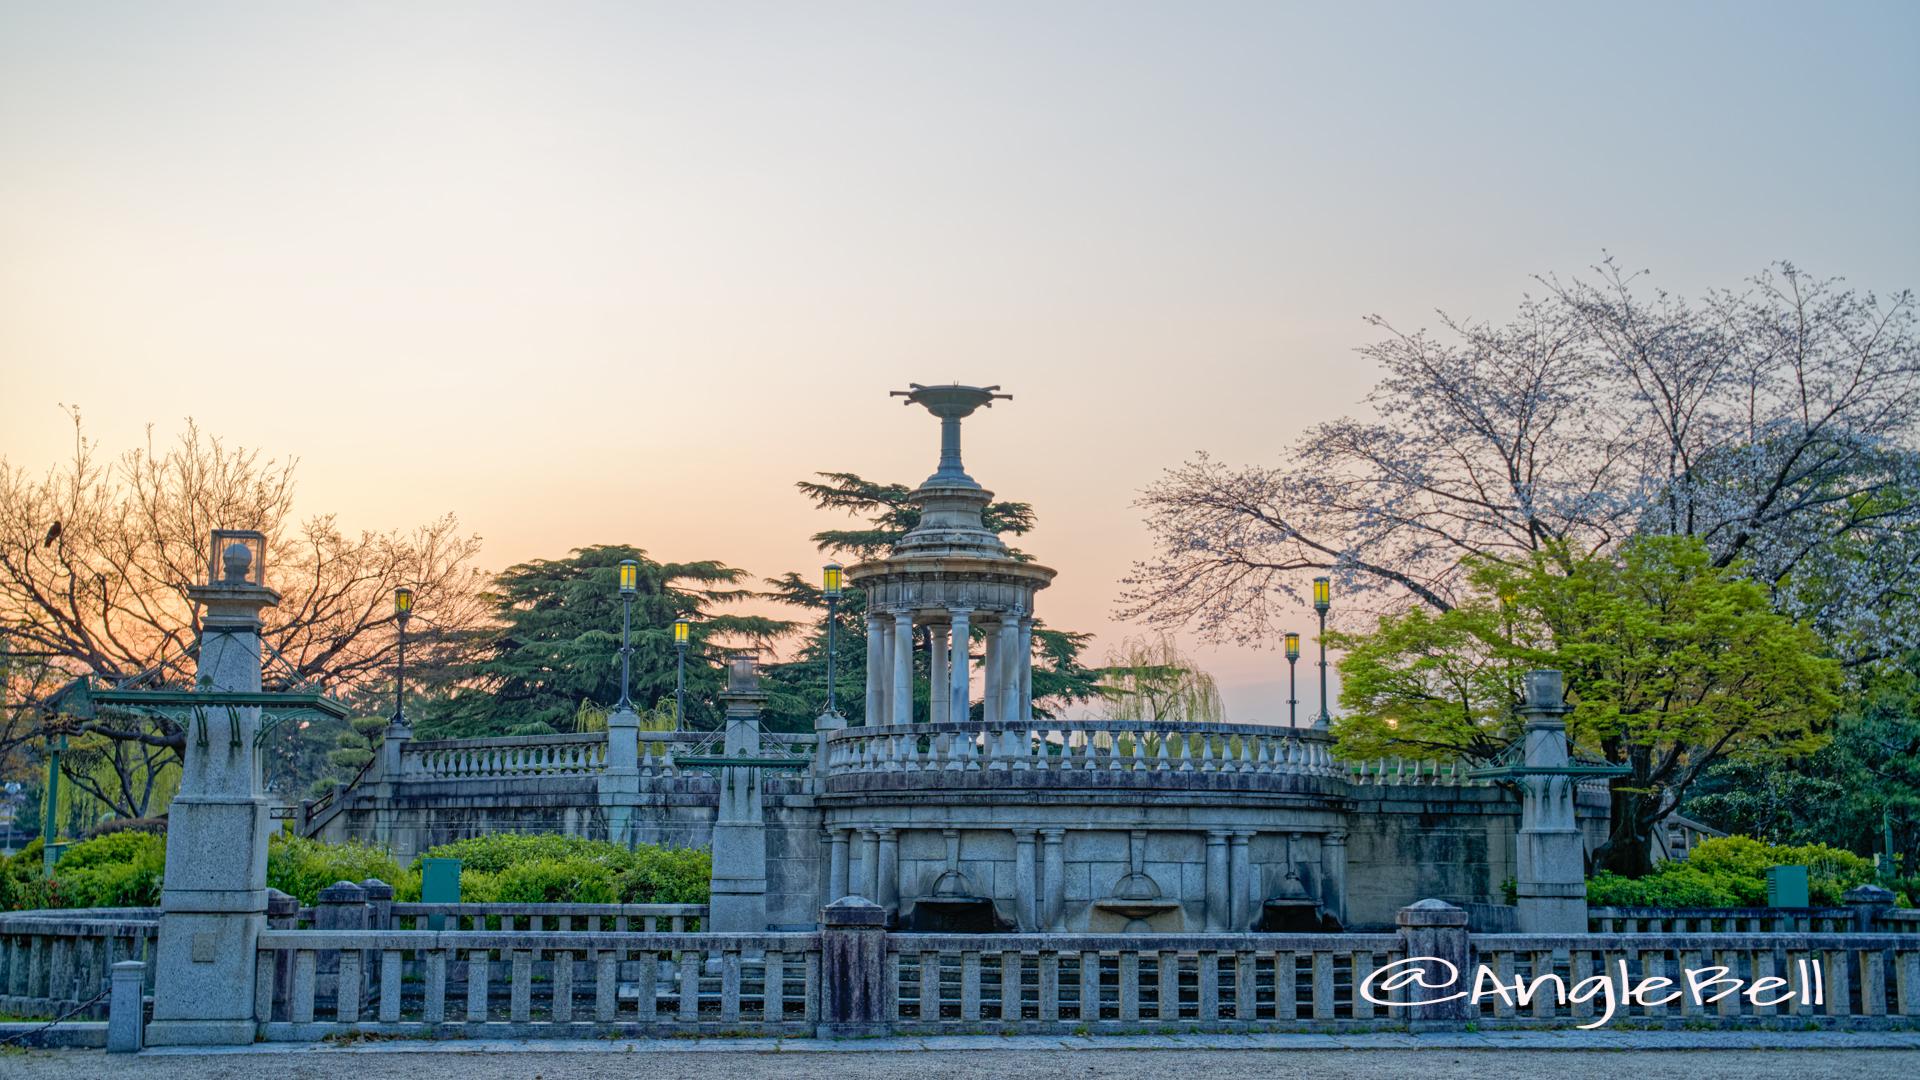 朝焼けの噴水塔と桜 (鶴舞公園) 2020年春